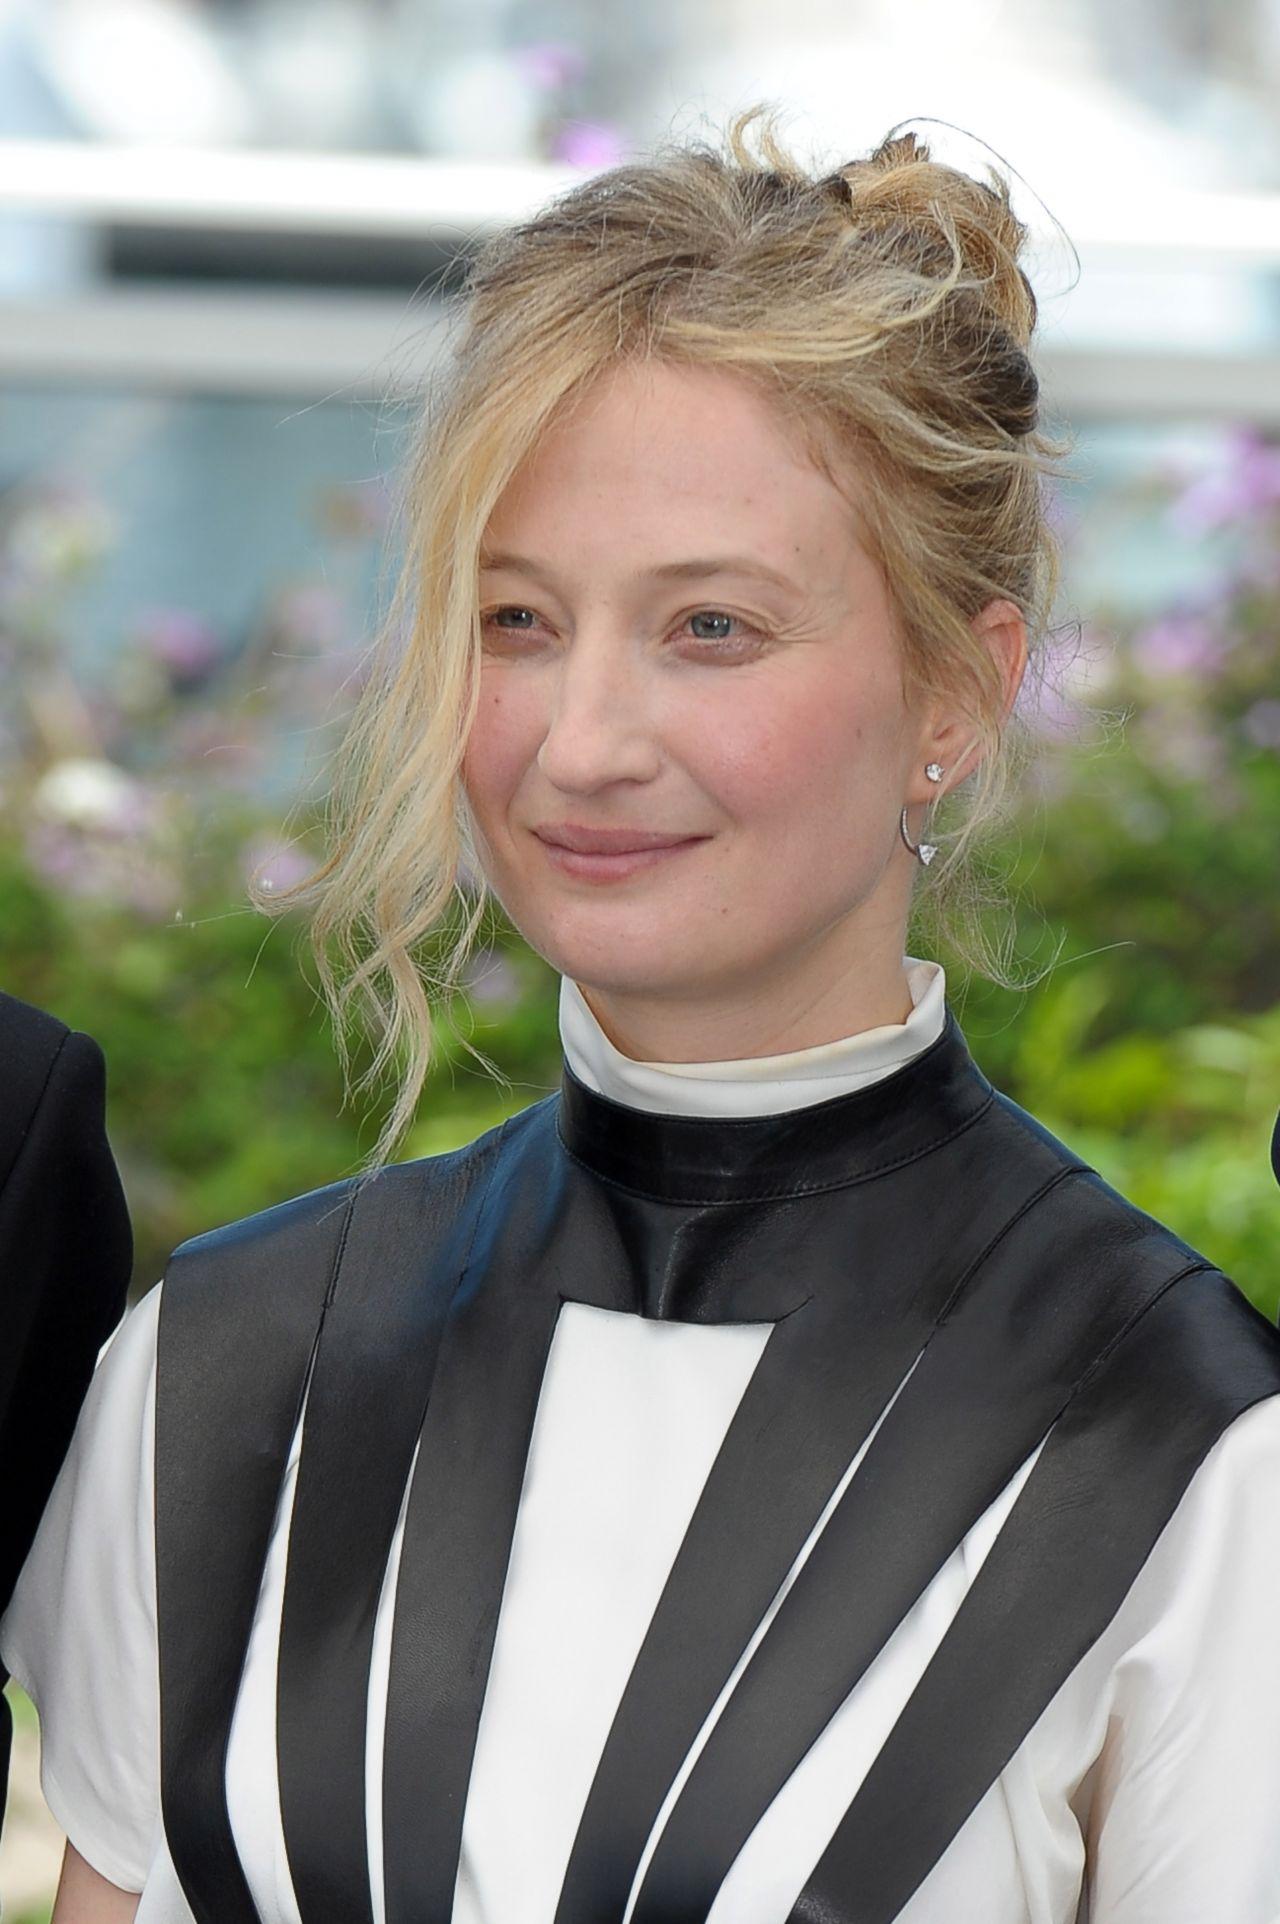 Alba Rohrwacher | Celebrities lists.